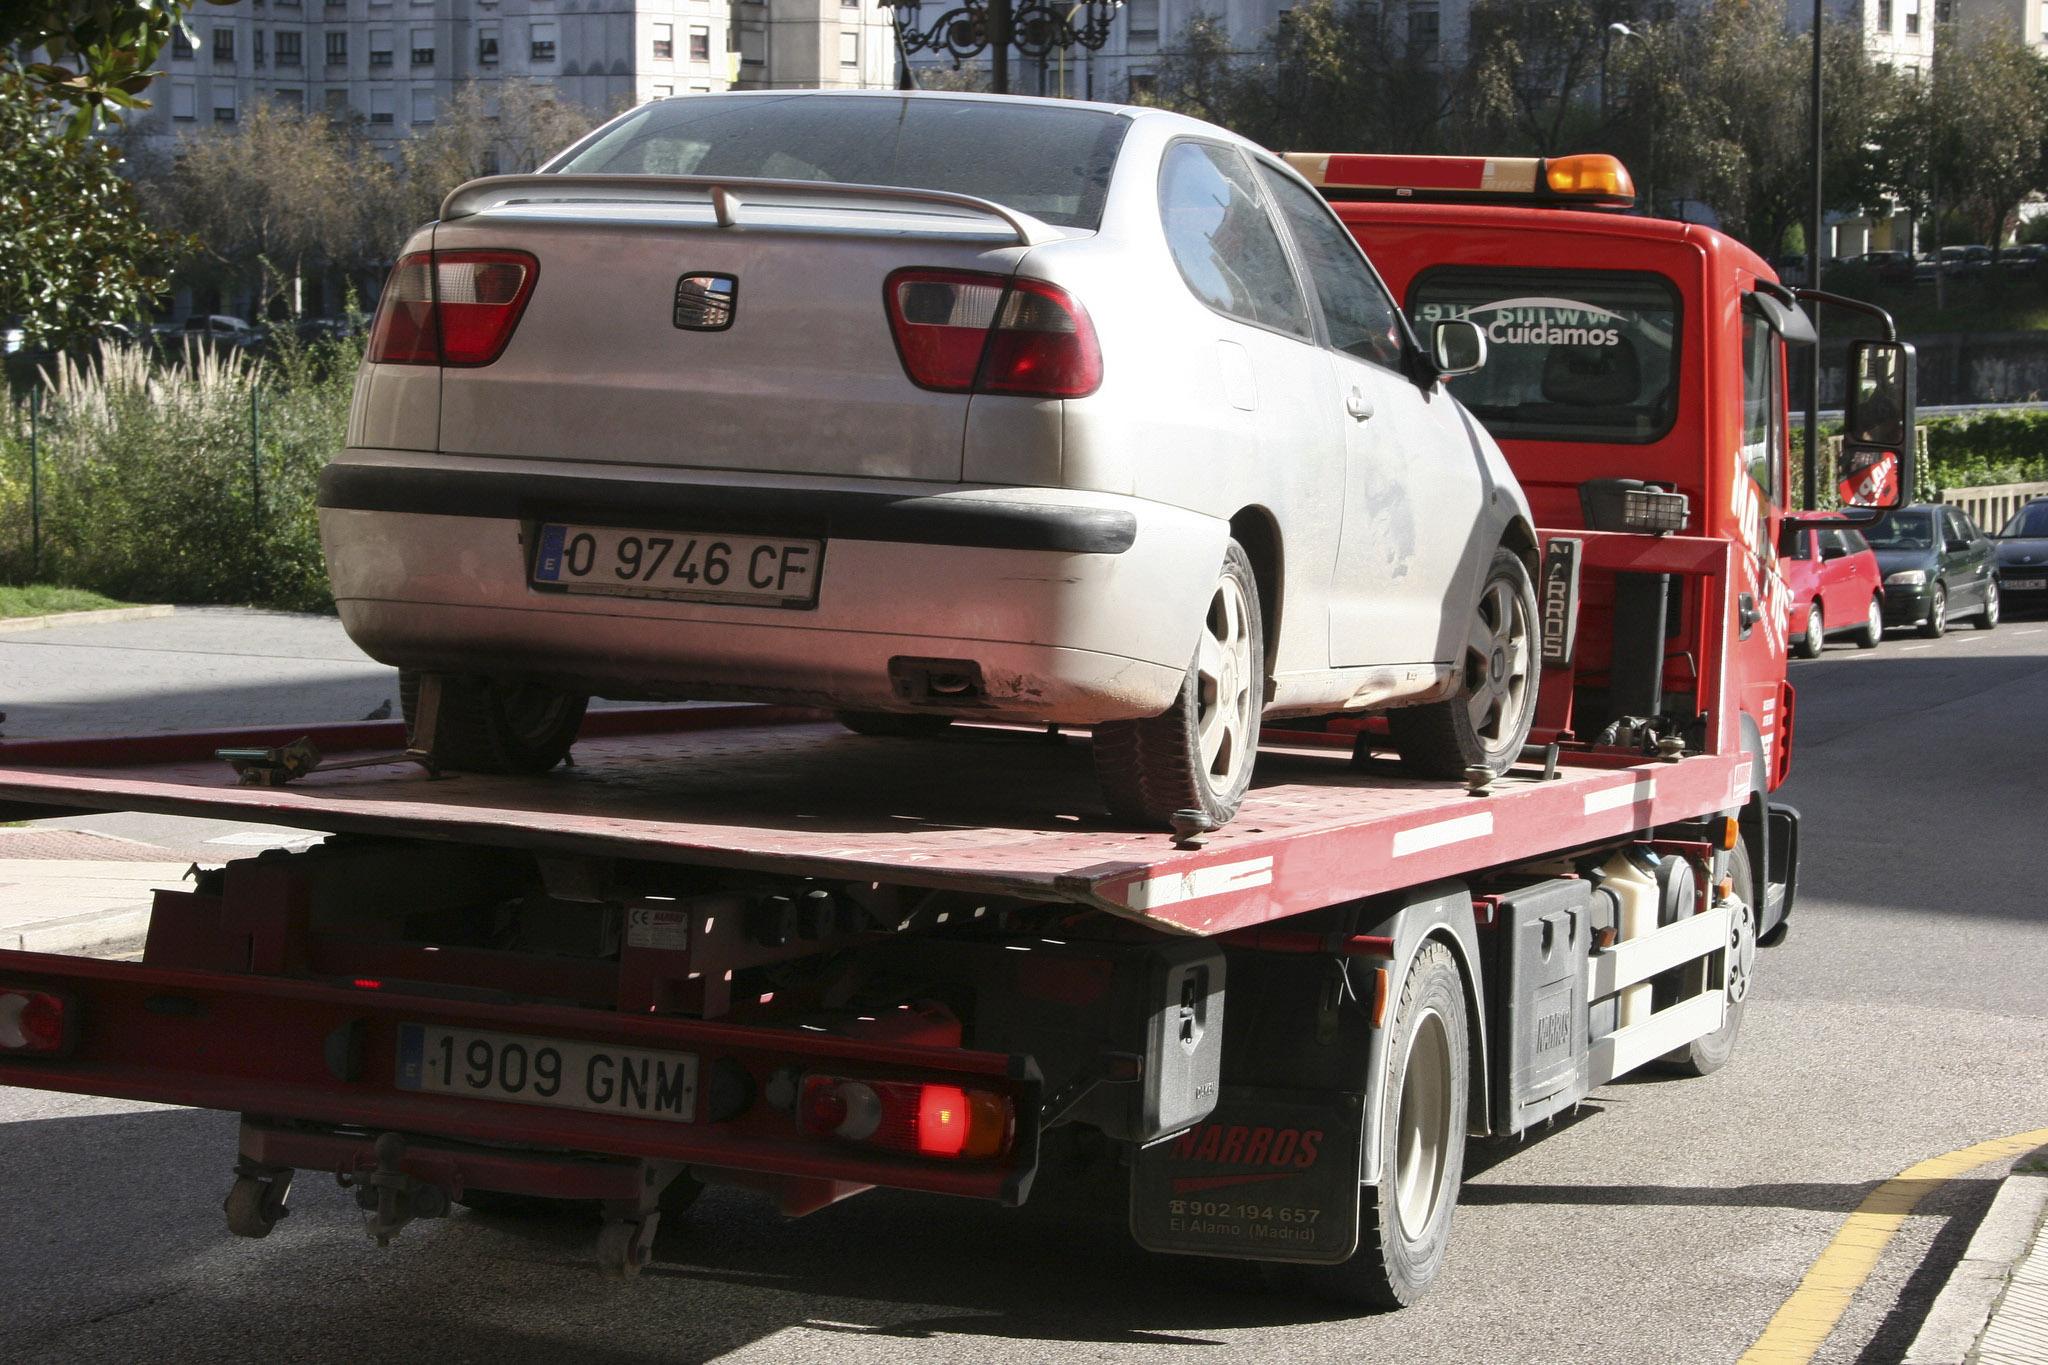 Recogida del vehículo